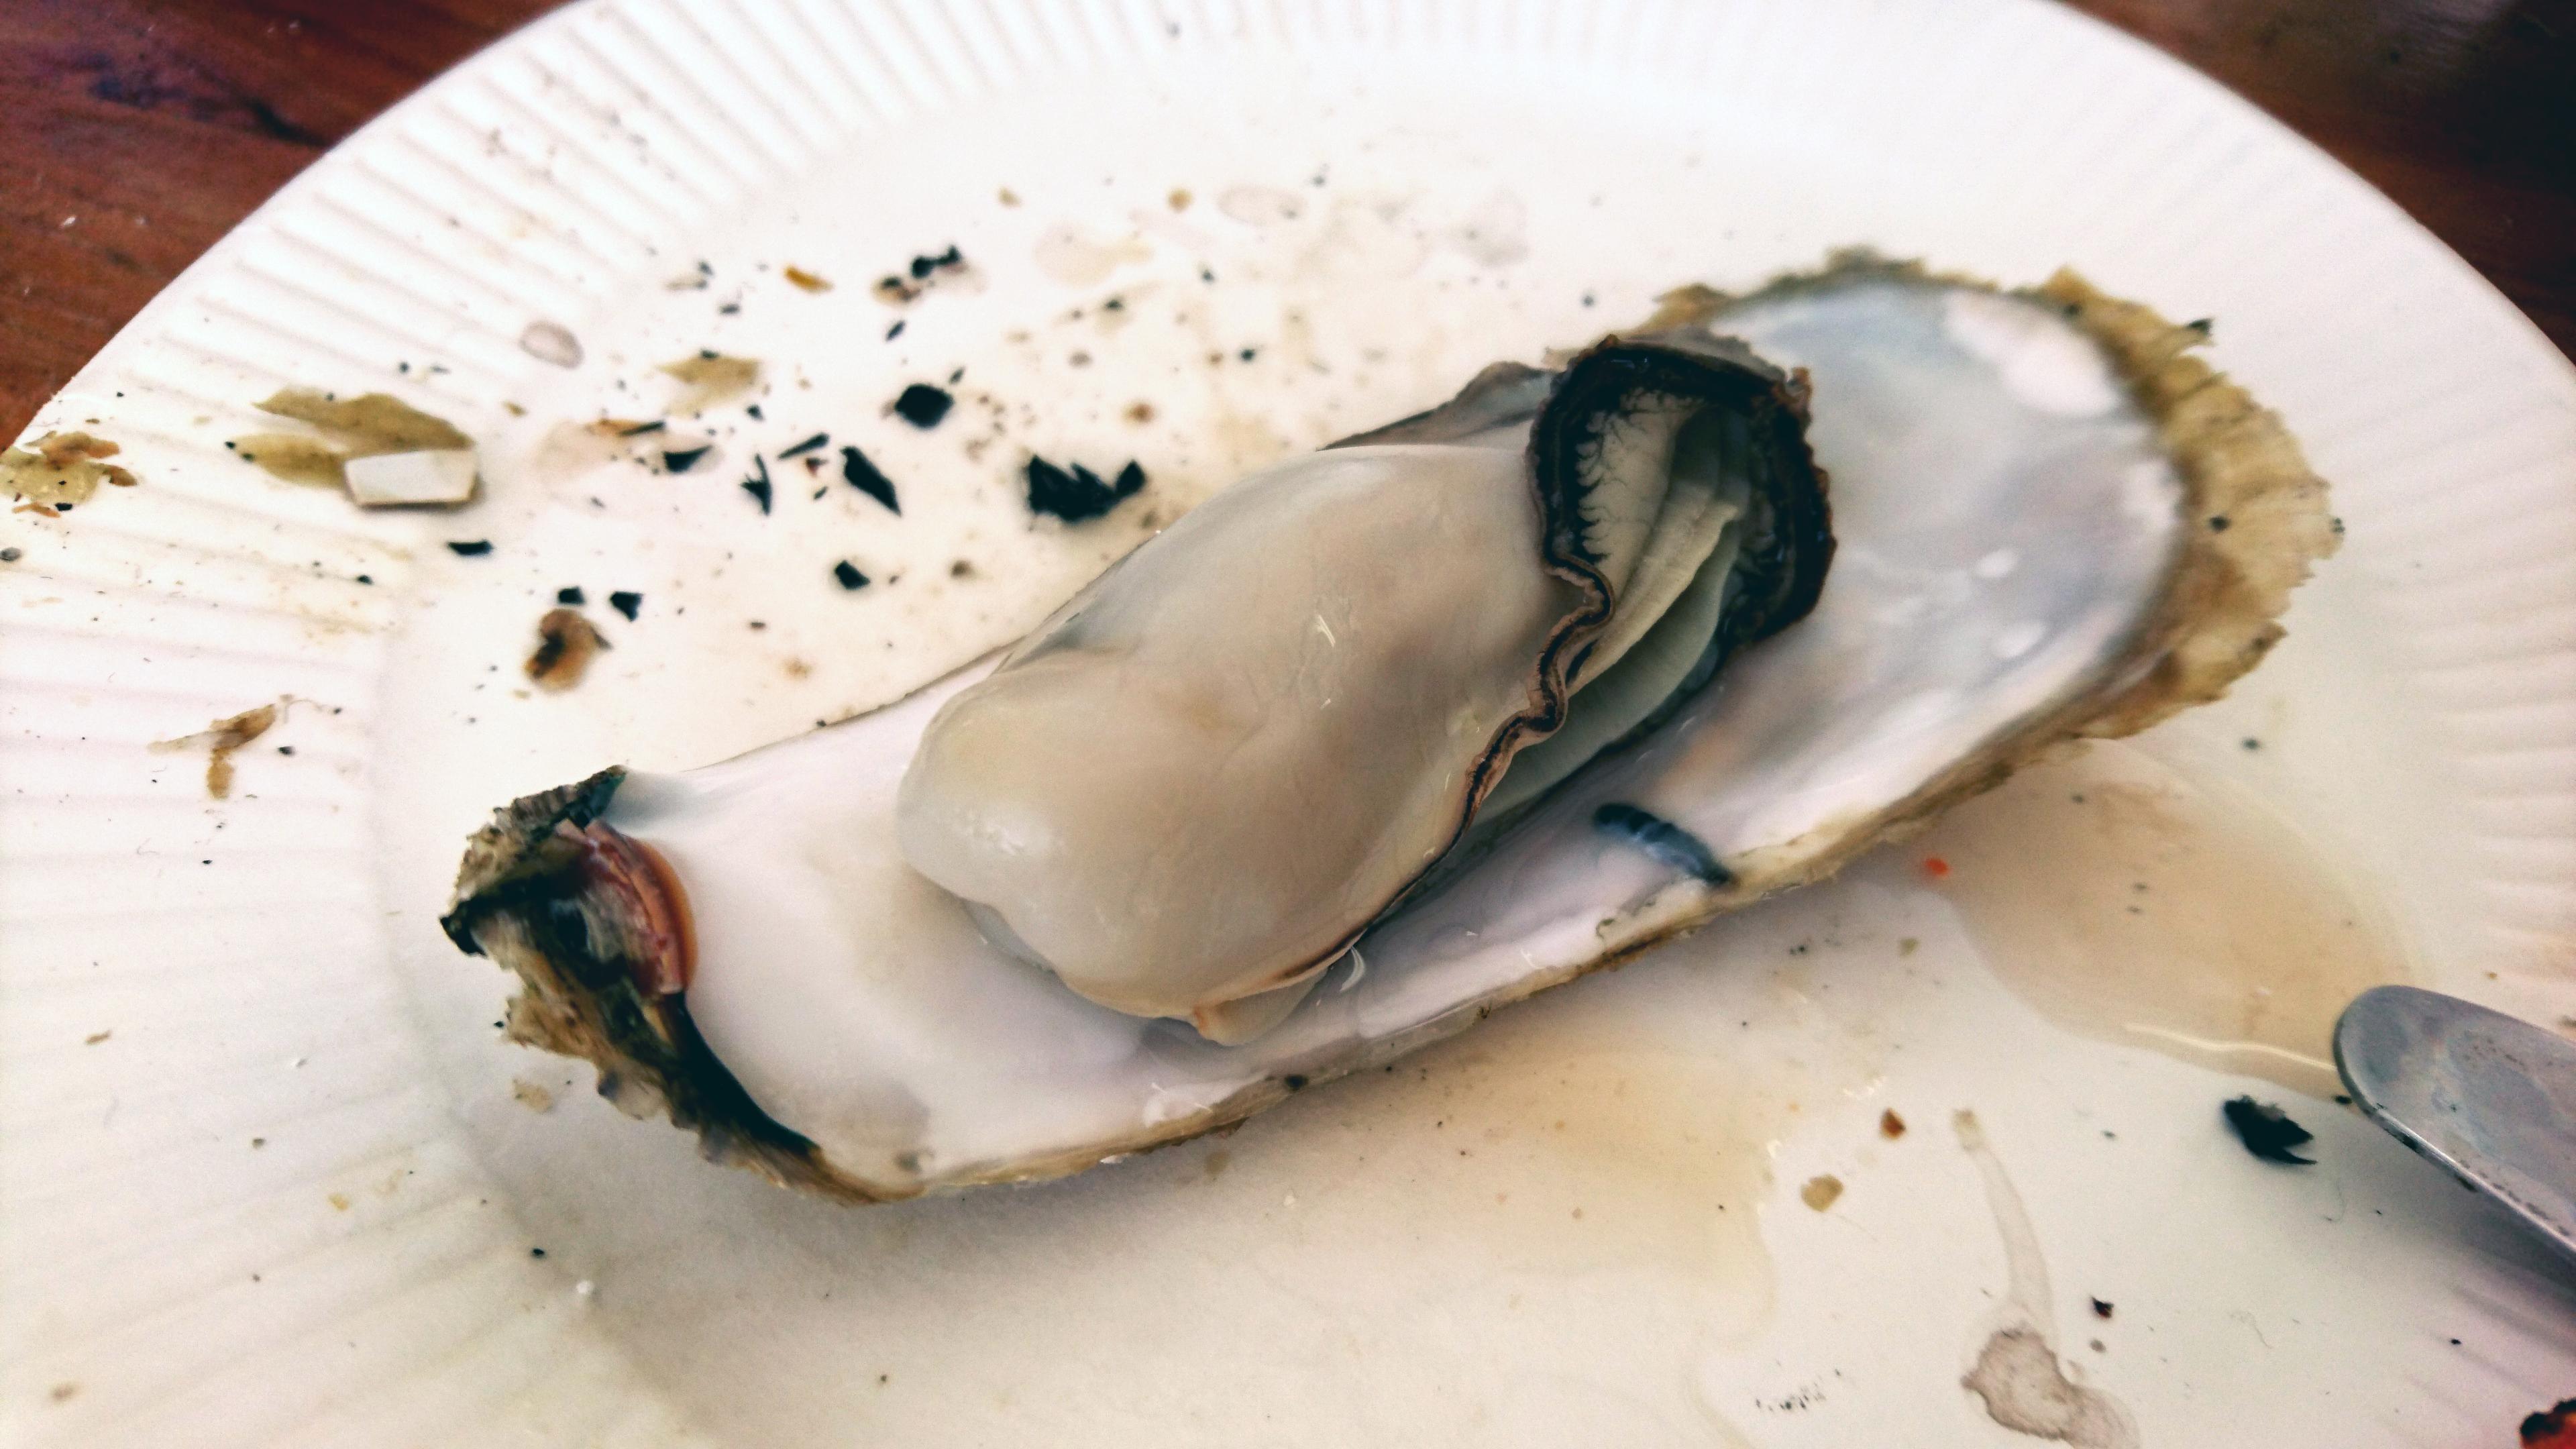 福岡、糸島半島の名物の牡蠣を堪能しよう!船越漁港の牡蠣小屋群がすごい